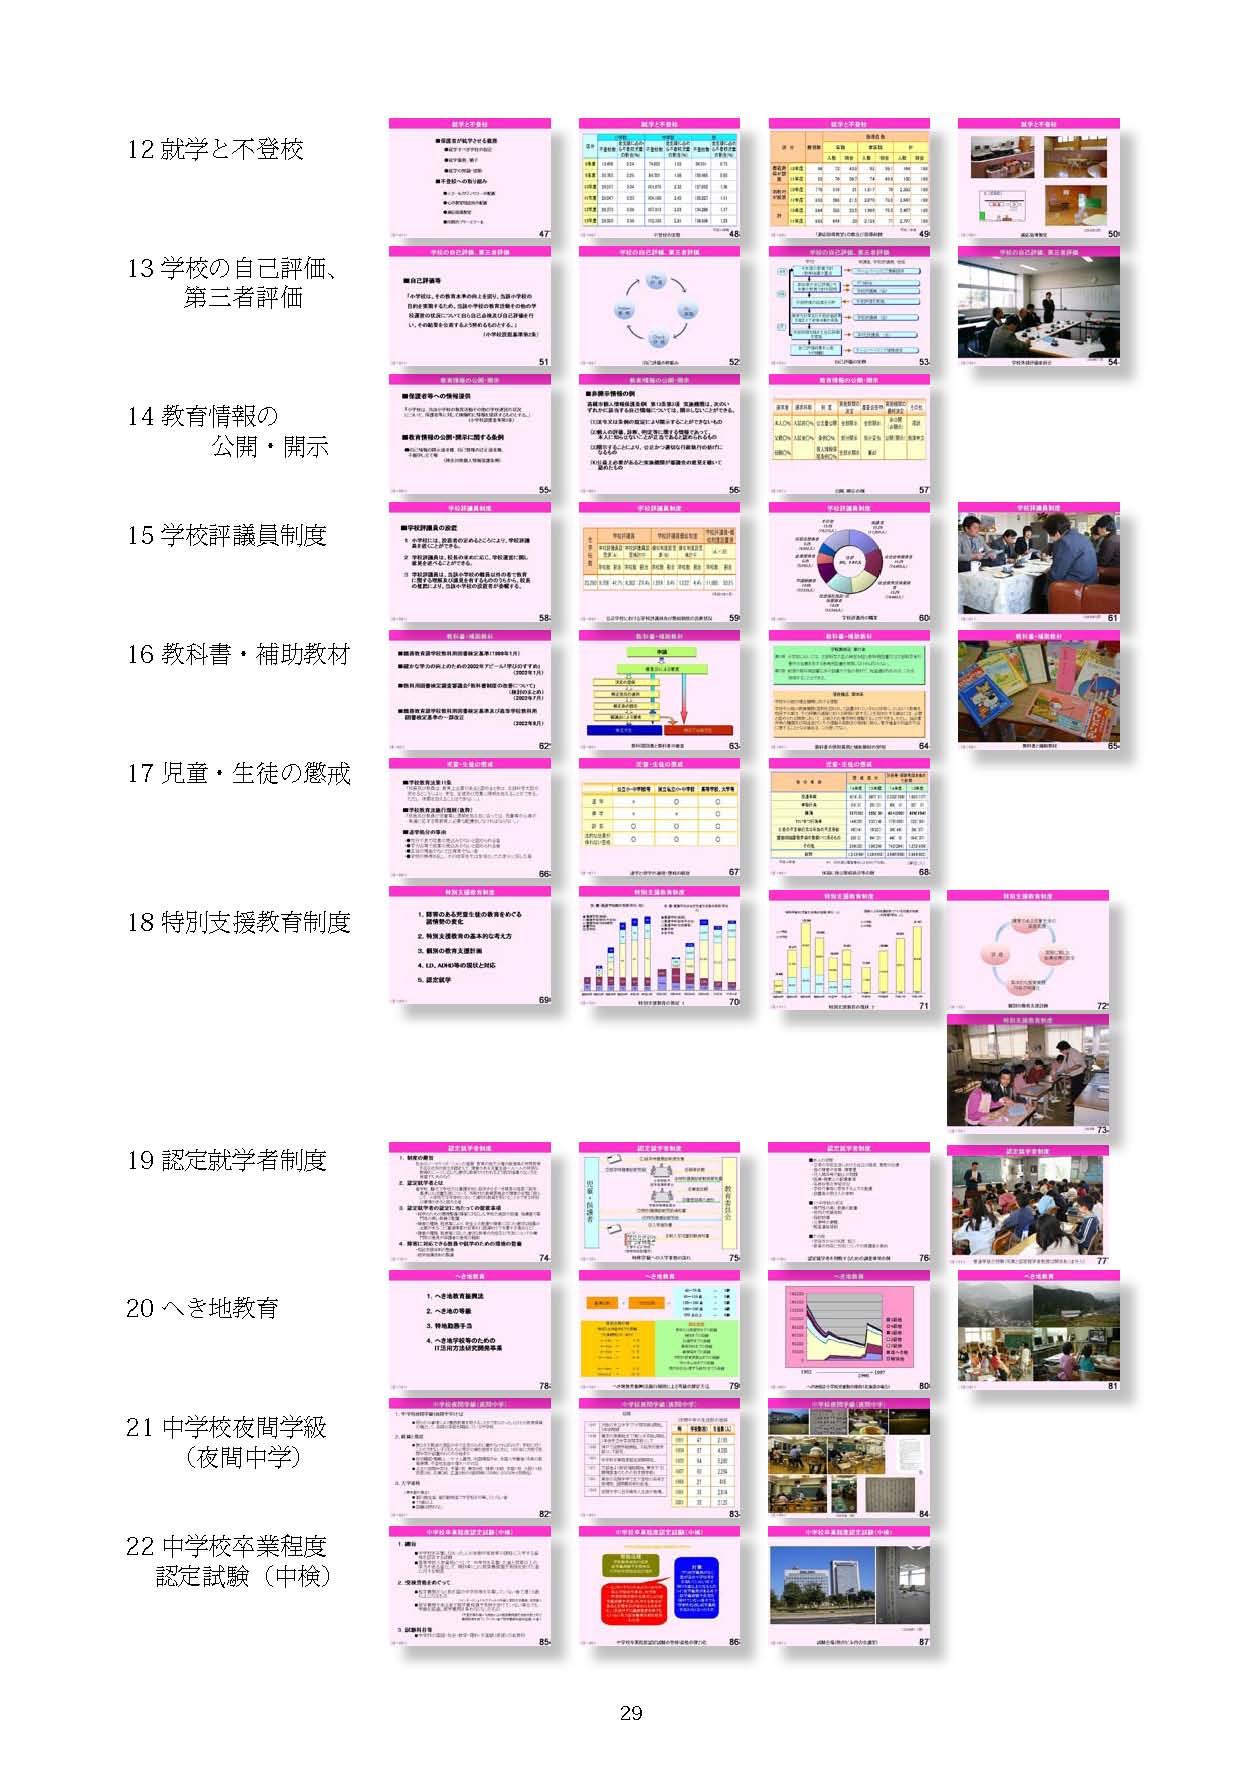 日本の教育制度と教育実践-研修のためのヴィジュアル教材-